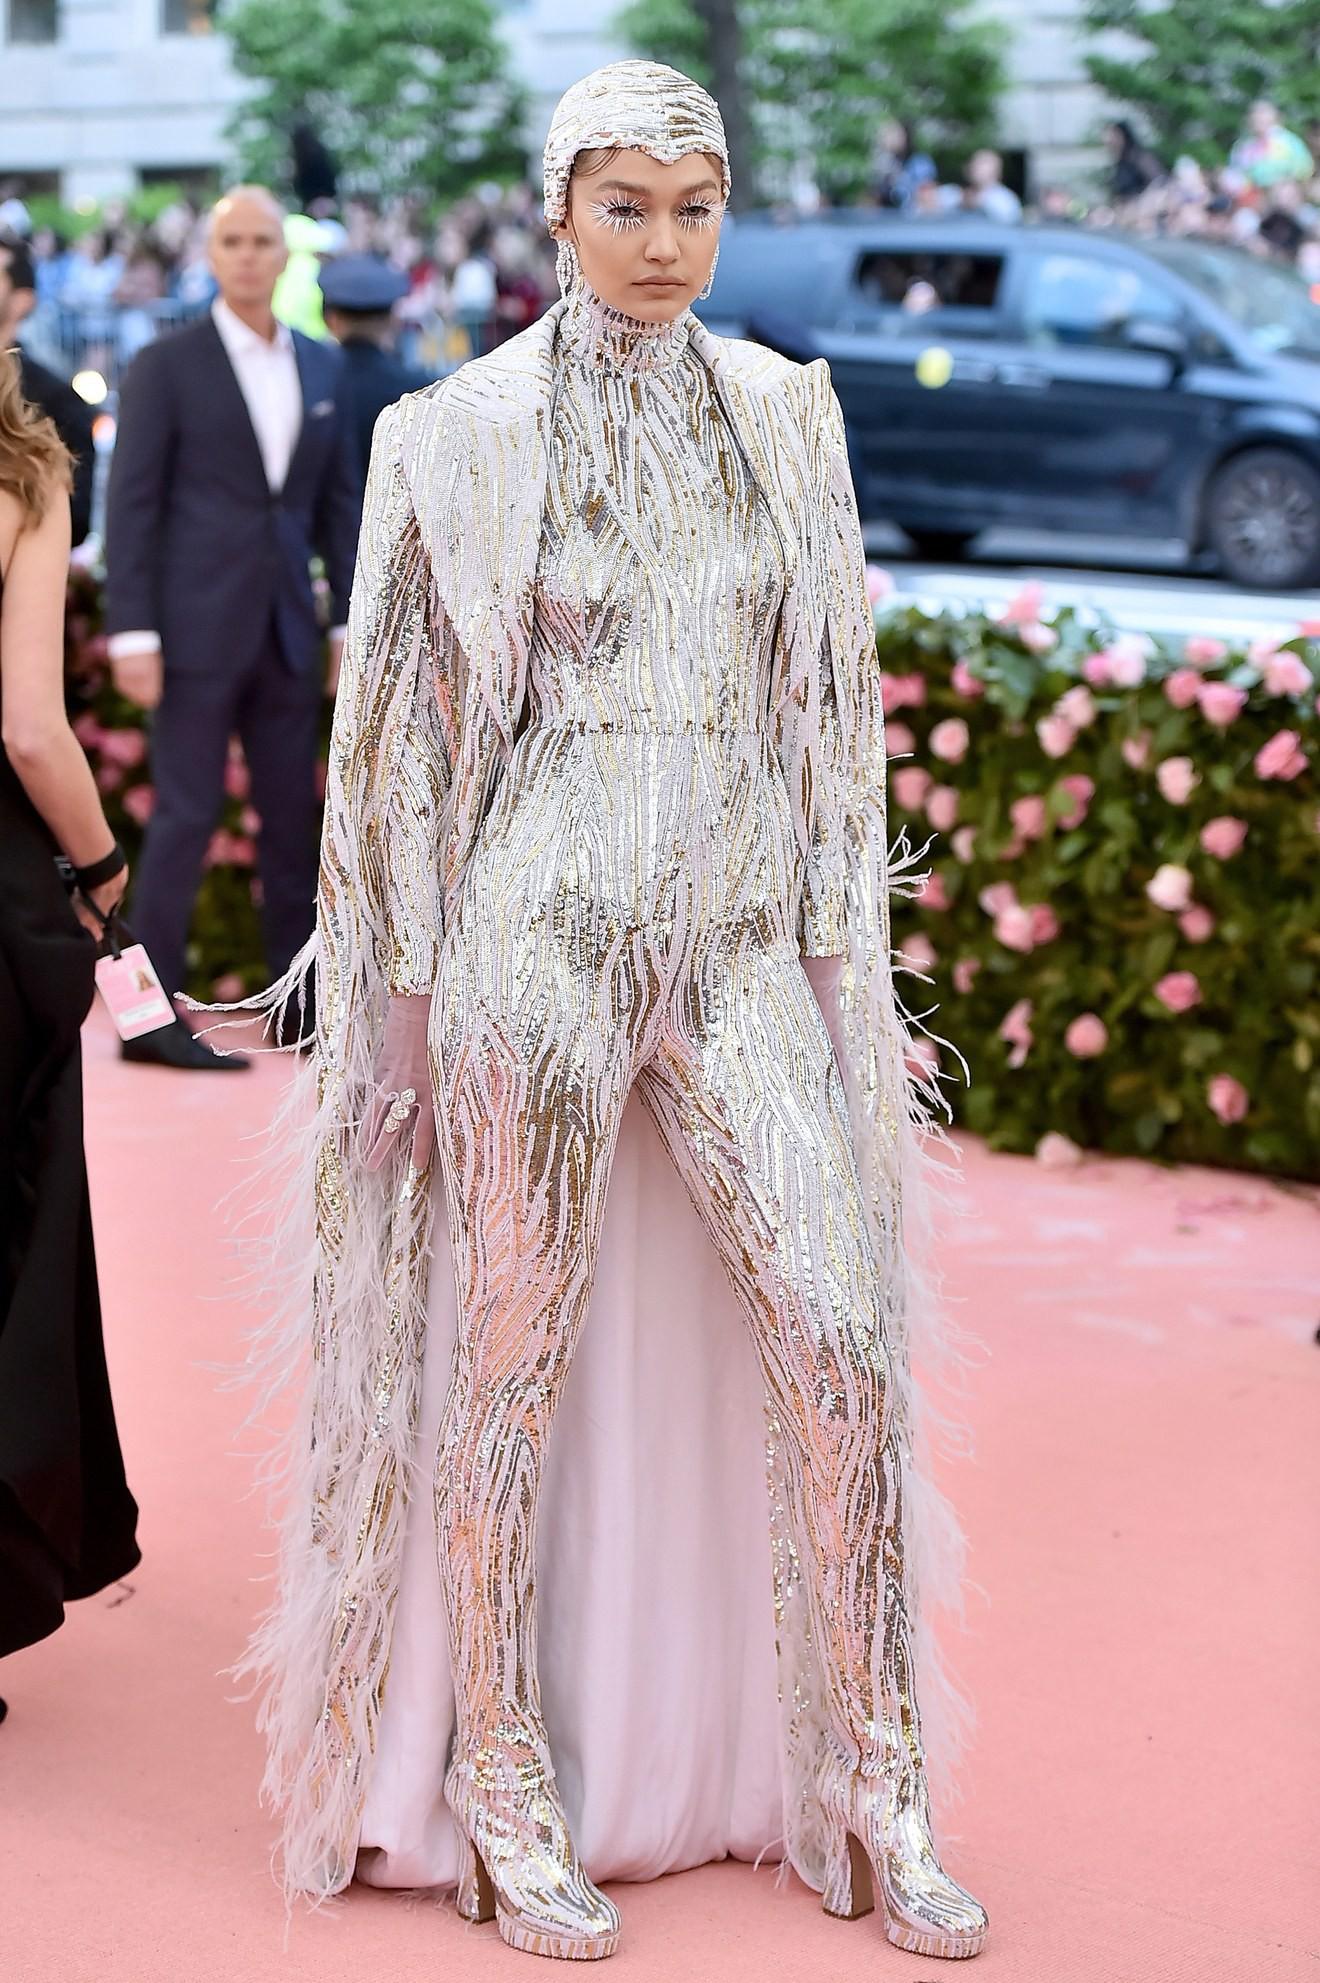 Met Gala 2019: Khó ai chơi lớn bằng Lady Gaga, Katy Perry hóa đèn chùm nhưng chặt chém không kém là nam nhân dát vàng nằm kiệu - Ảnh 9.